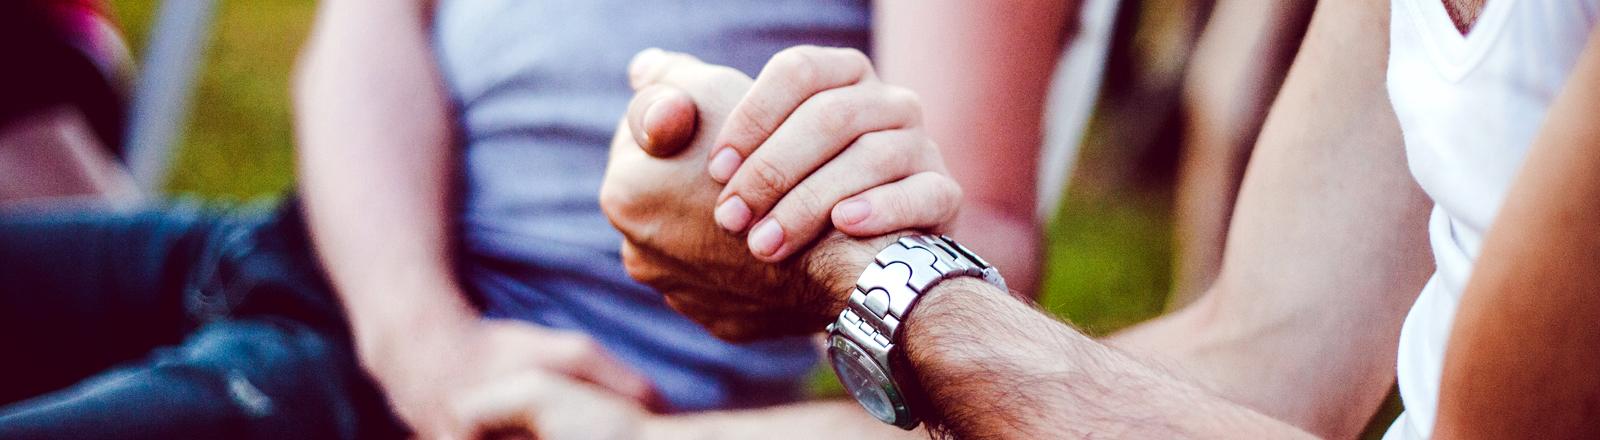 Zwei Männer auf einer Parkbank begrüßen sich mit Handschlag